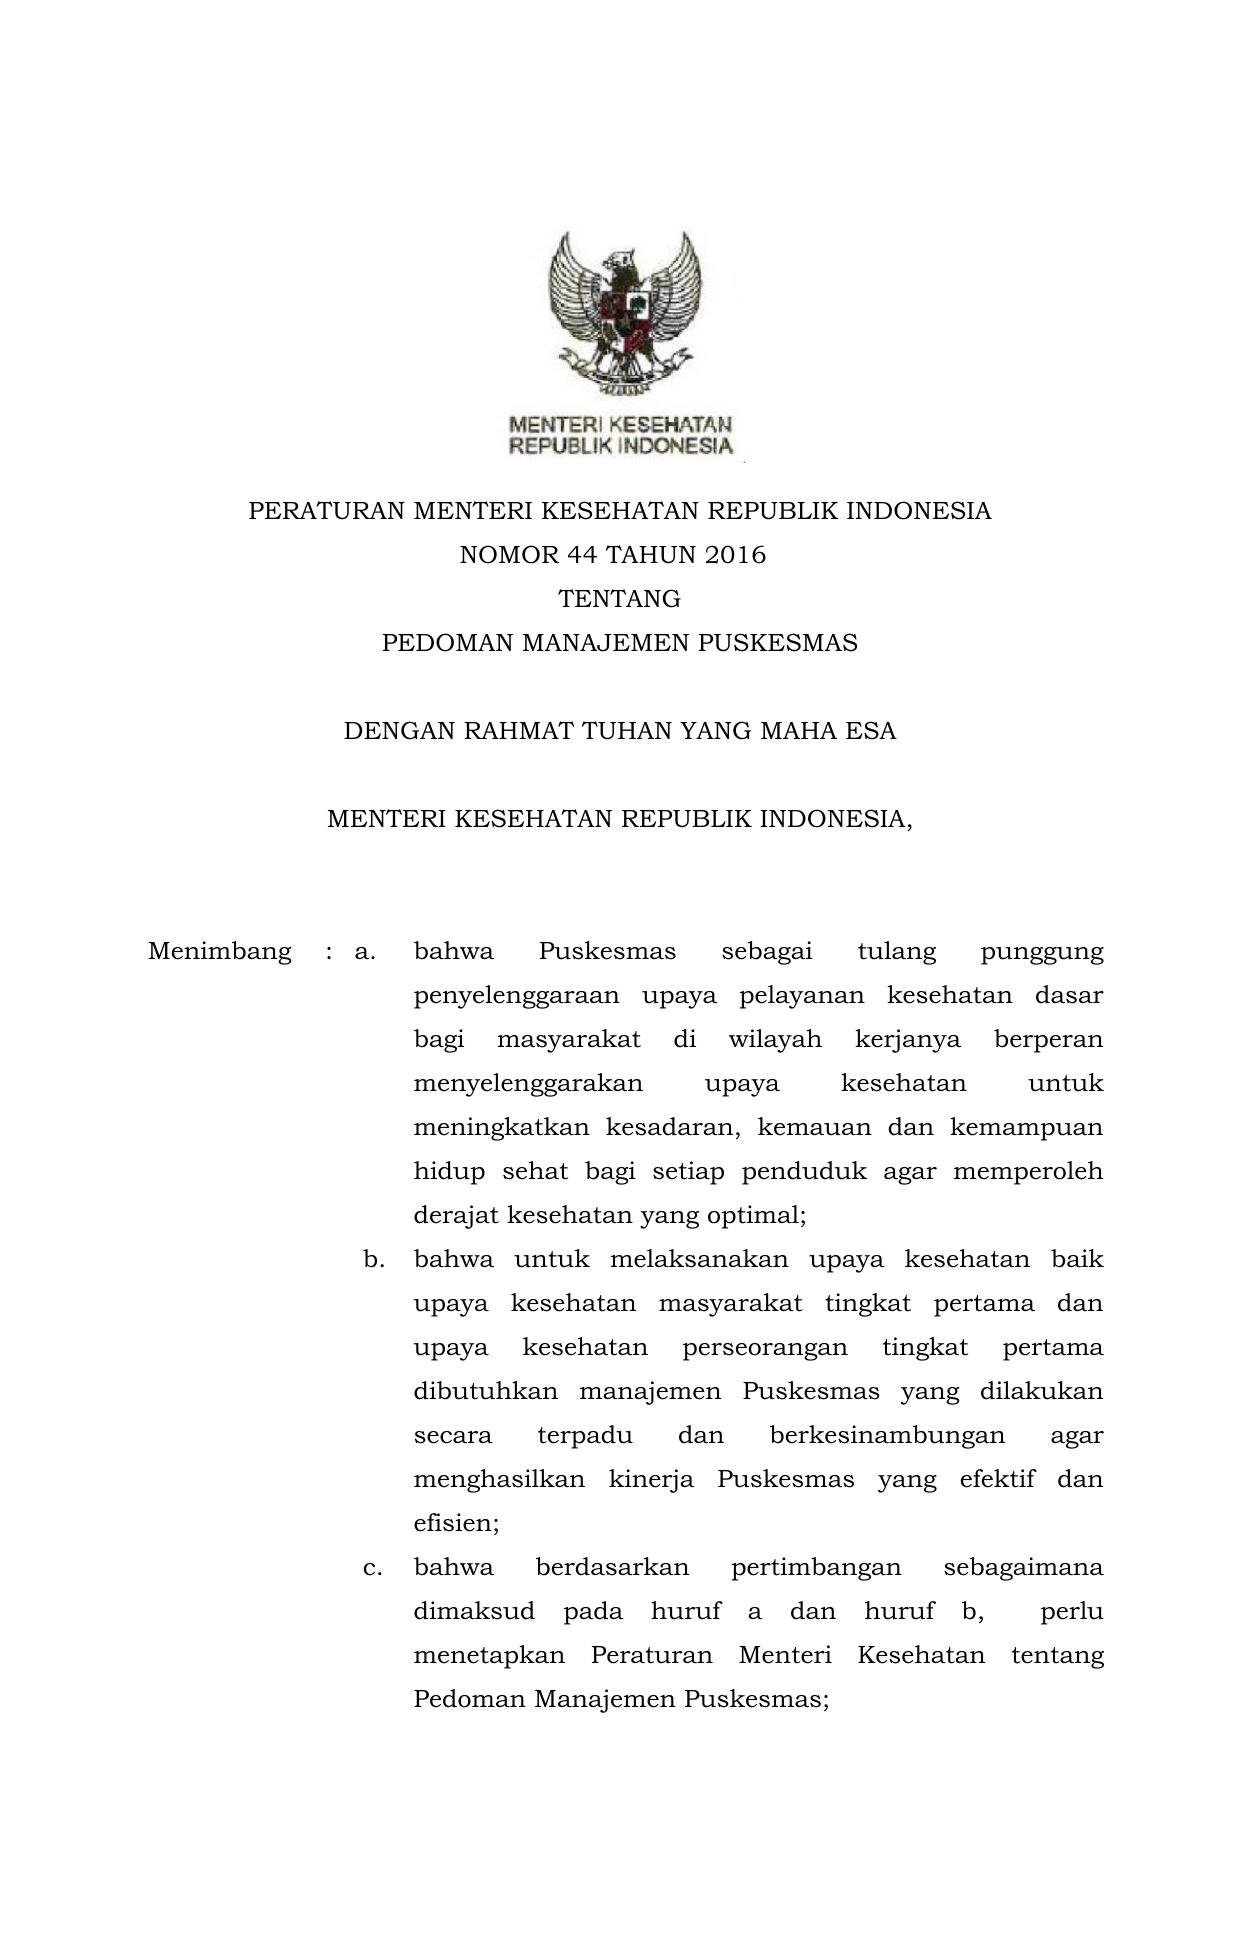 Permenkes No 44 Tahun 2016 Tentang Pedoman Manajemen Puskesmas